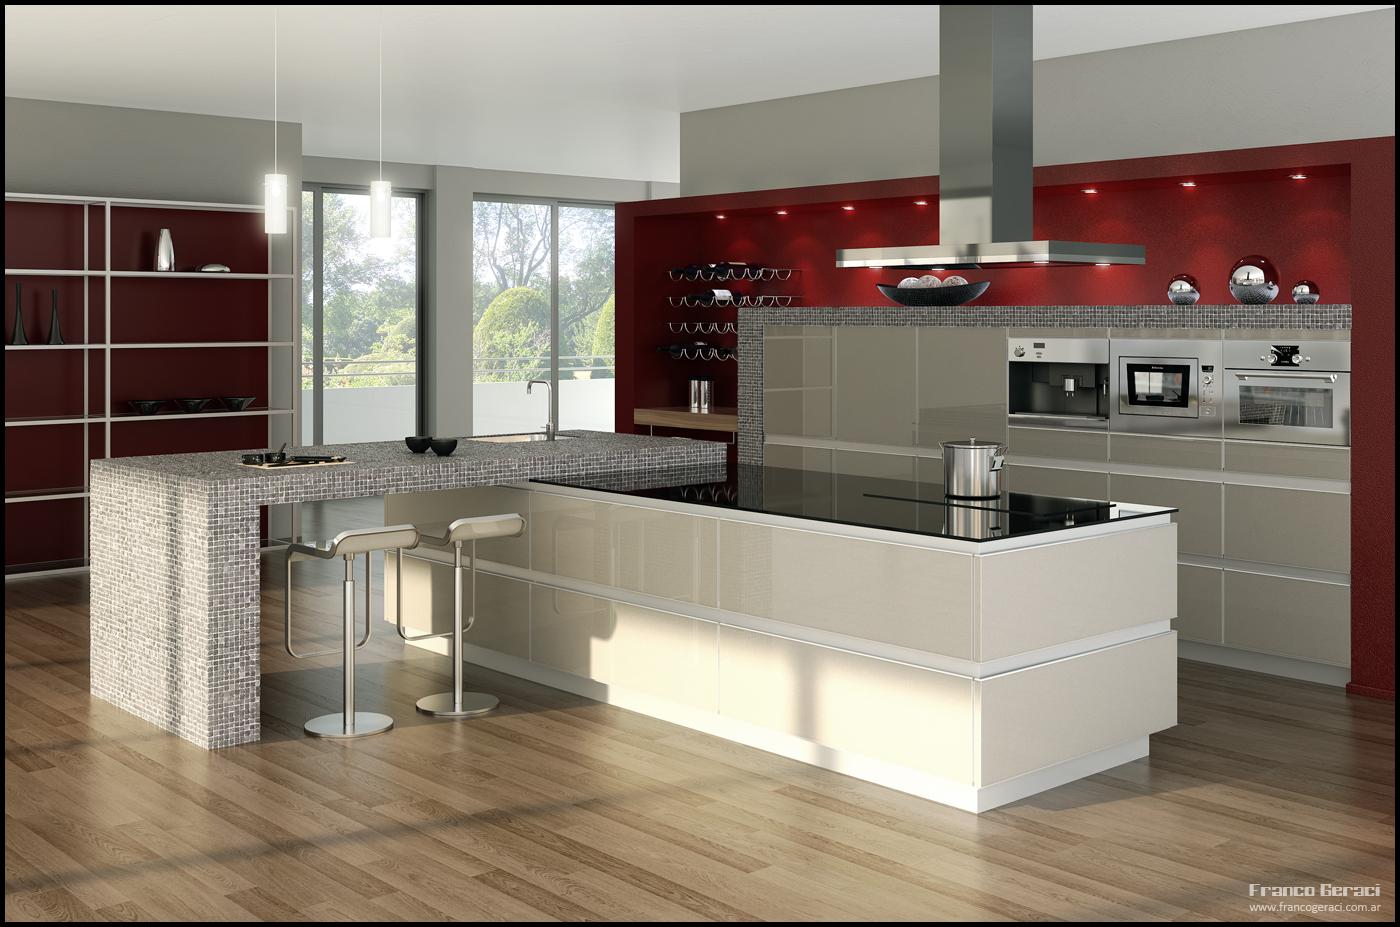 3d kitchen 2 by feg 3d kitchen 2 by feg 3d kitchen 2 by feg on deviantart  rh   feg deviantart com